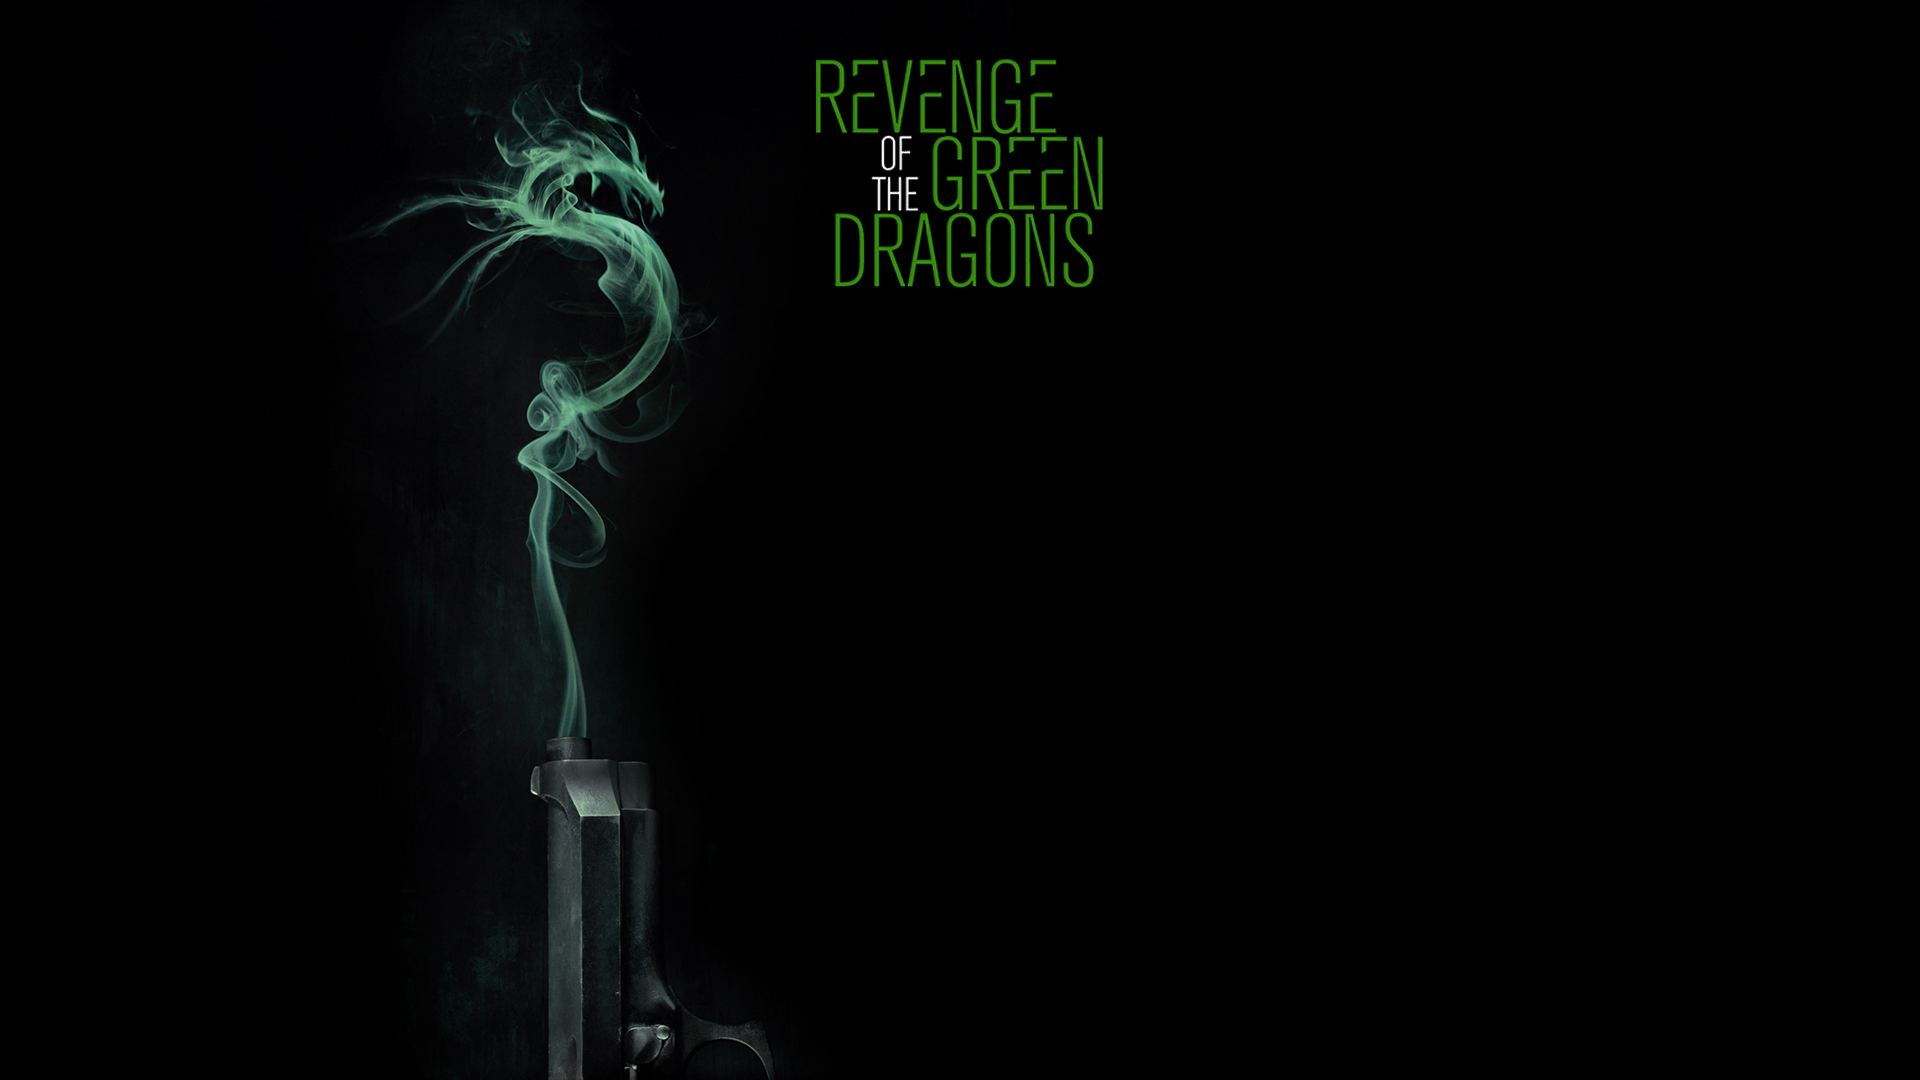 Revenge of the Green Dragons